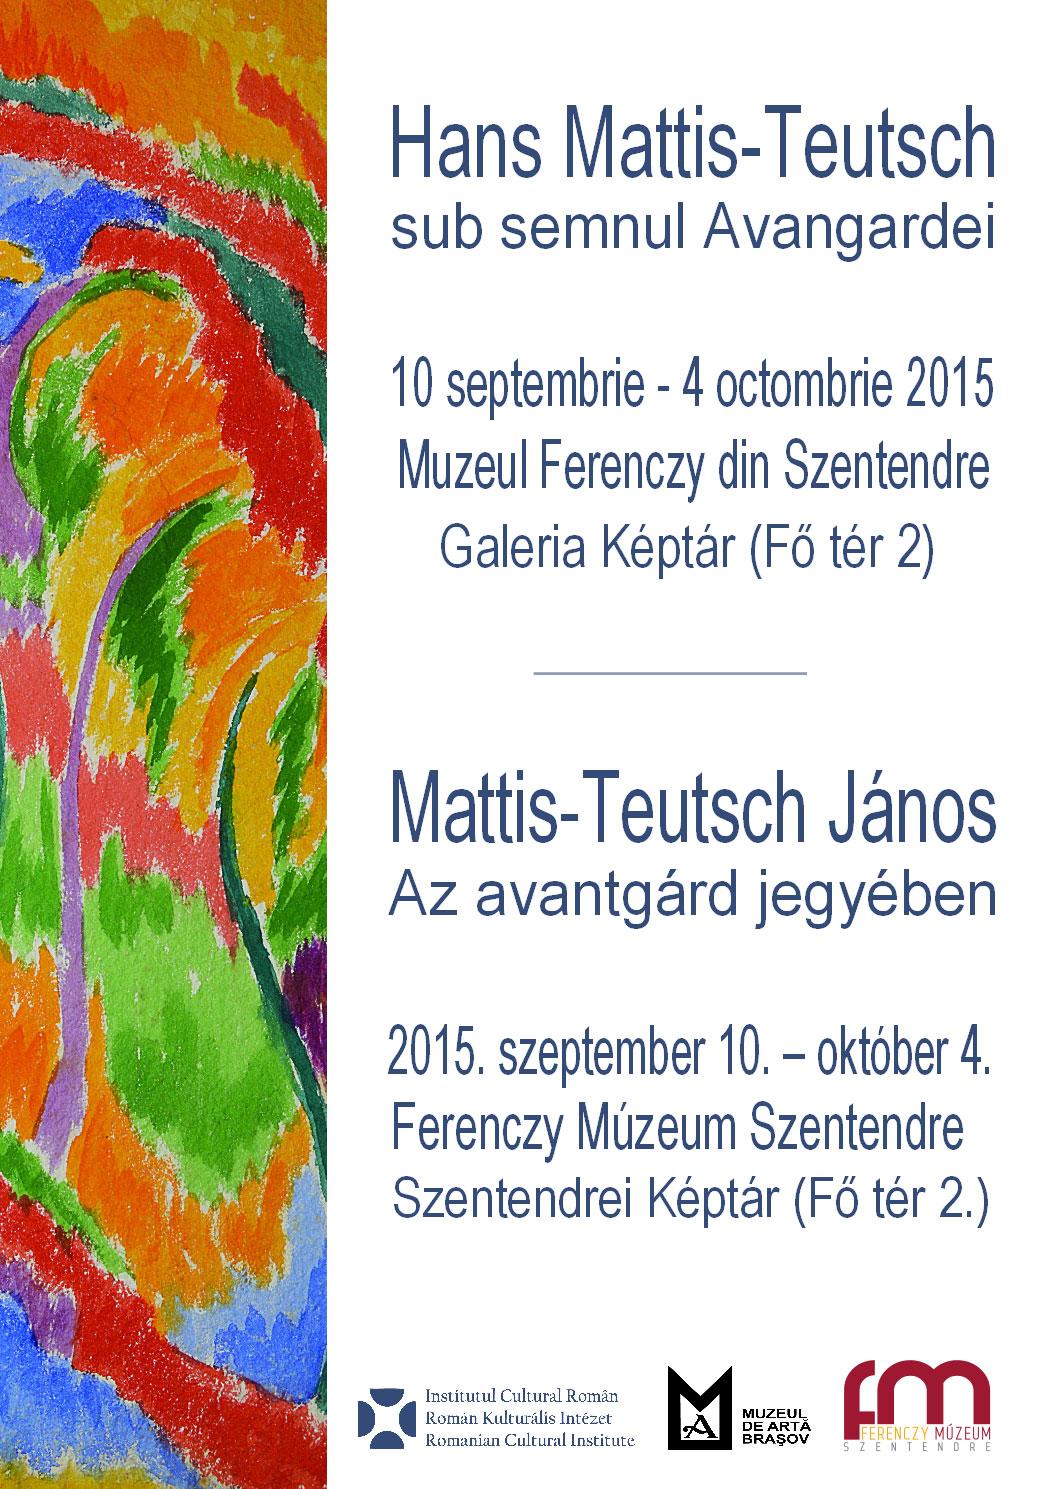 Hans-Mattis-Teutsch